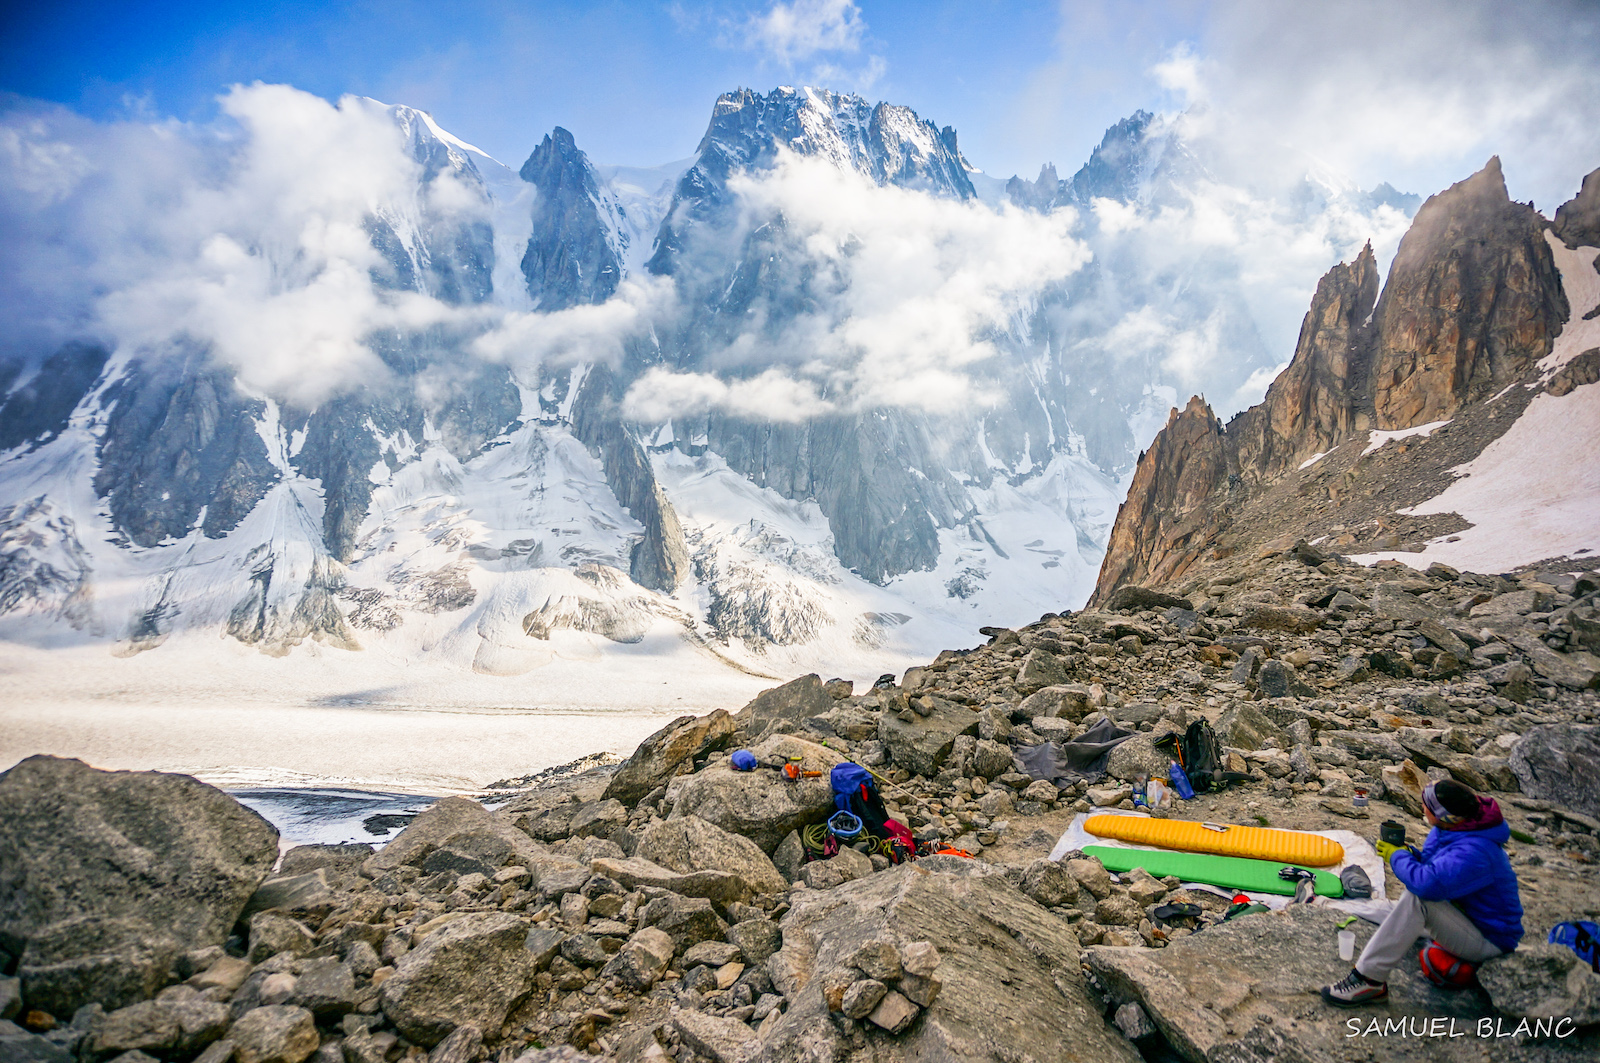 Camp de base au bassin d'Argentière<br><span id='secondary-title' style='font-size:28px;line-height:34px;color:#fff!important;font-weight:300;display:block;padding-top:34px;'>Une formation complète à l'alpinisme sur la rive ensoleillée du glacier d'Argentière, sous le regard des faces Nord mythiques du bassin.</span>